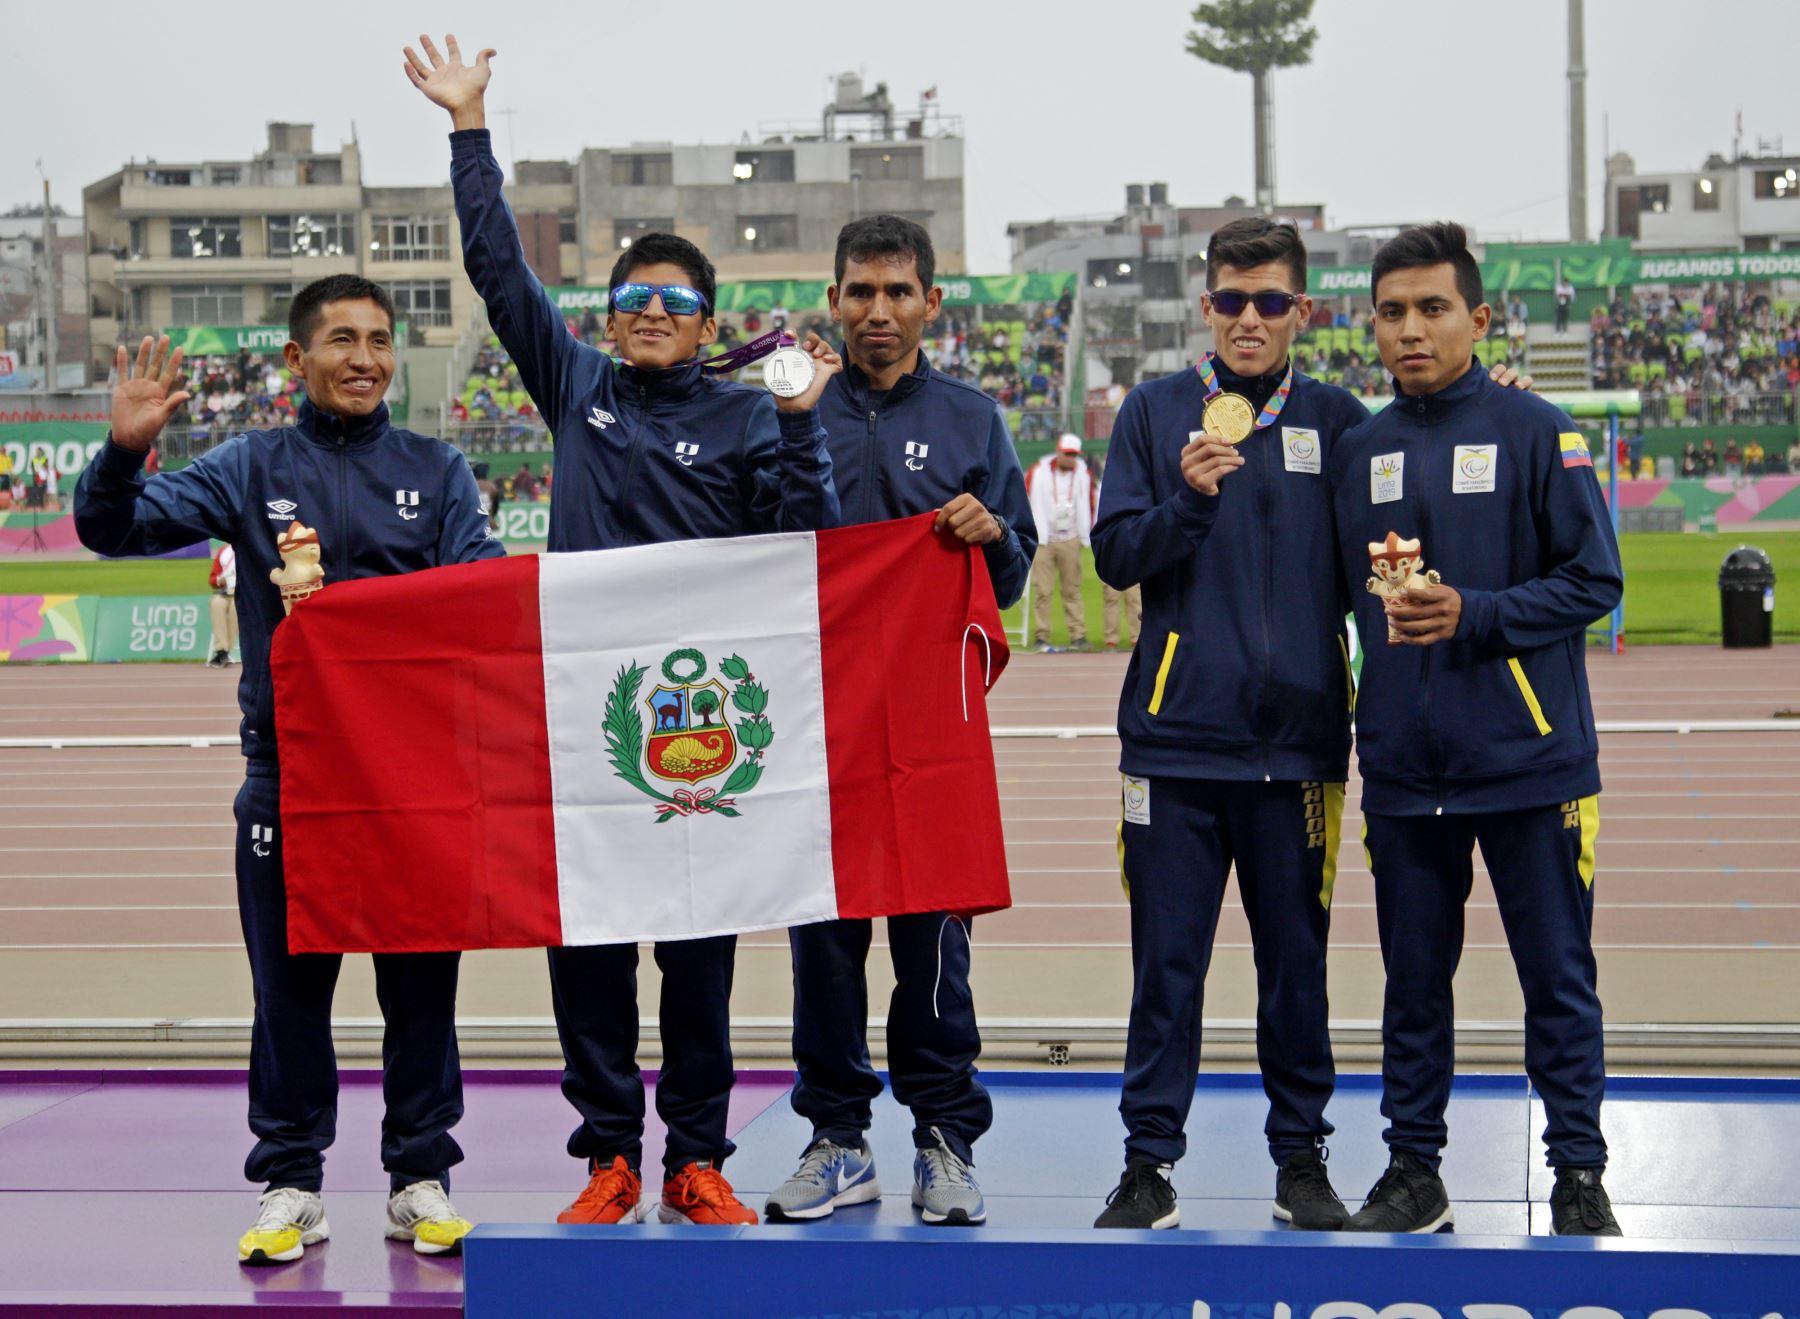 Luis Sandoval gano medalla de Plata en 5000 metros planos, en los Juegos Pararamericanos Lima 2019.Foto:ANDINA/ LIMA 2019